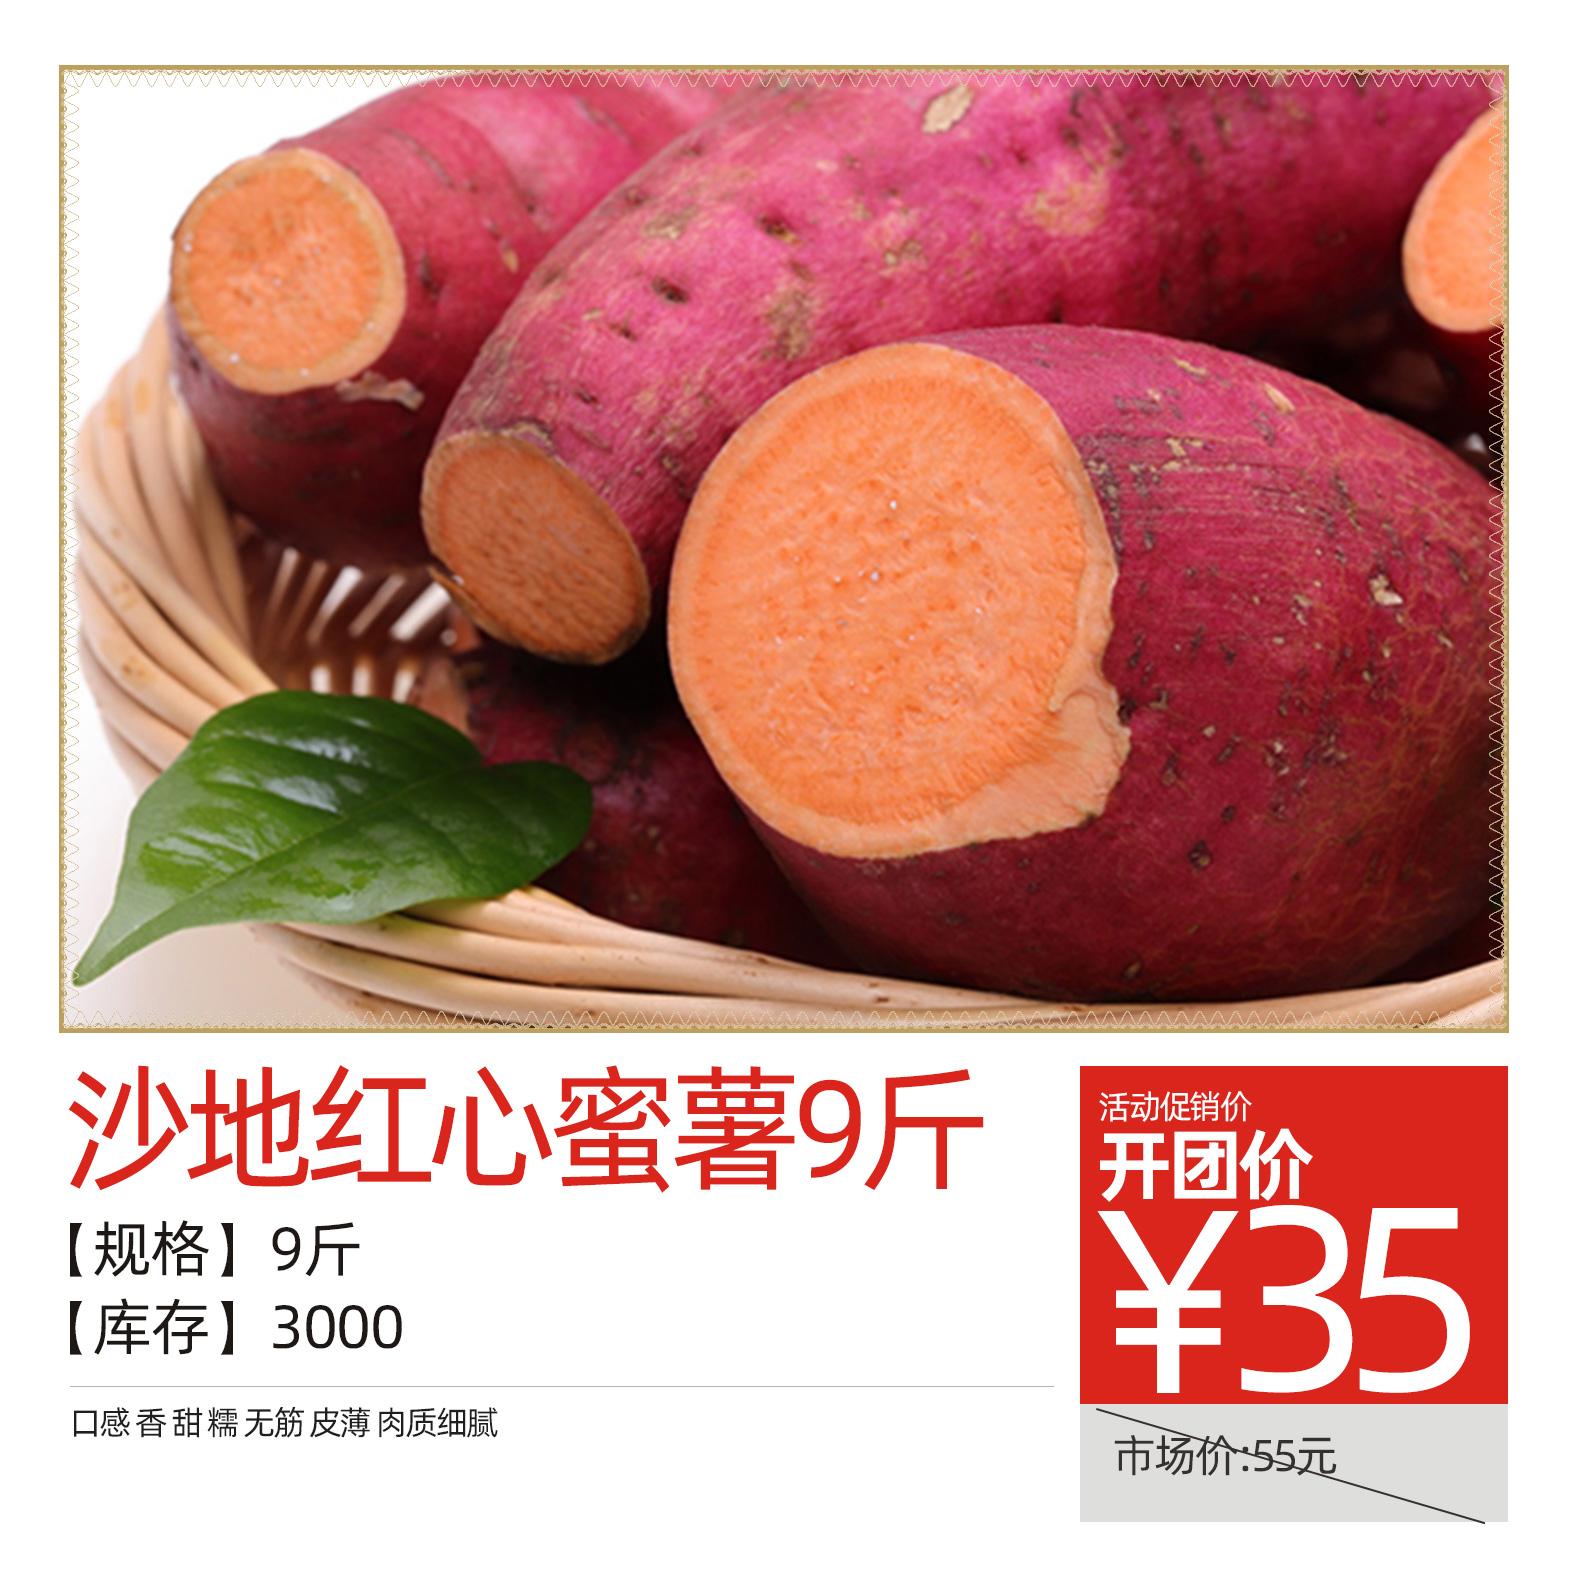 沙地红心蜜薯9斤